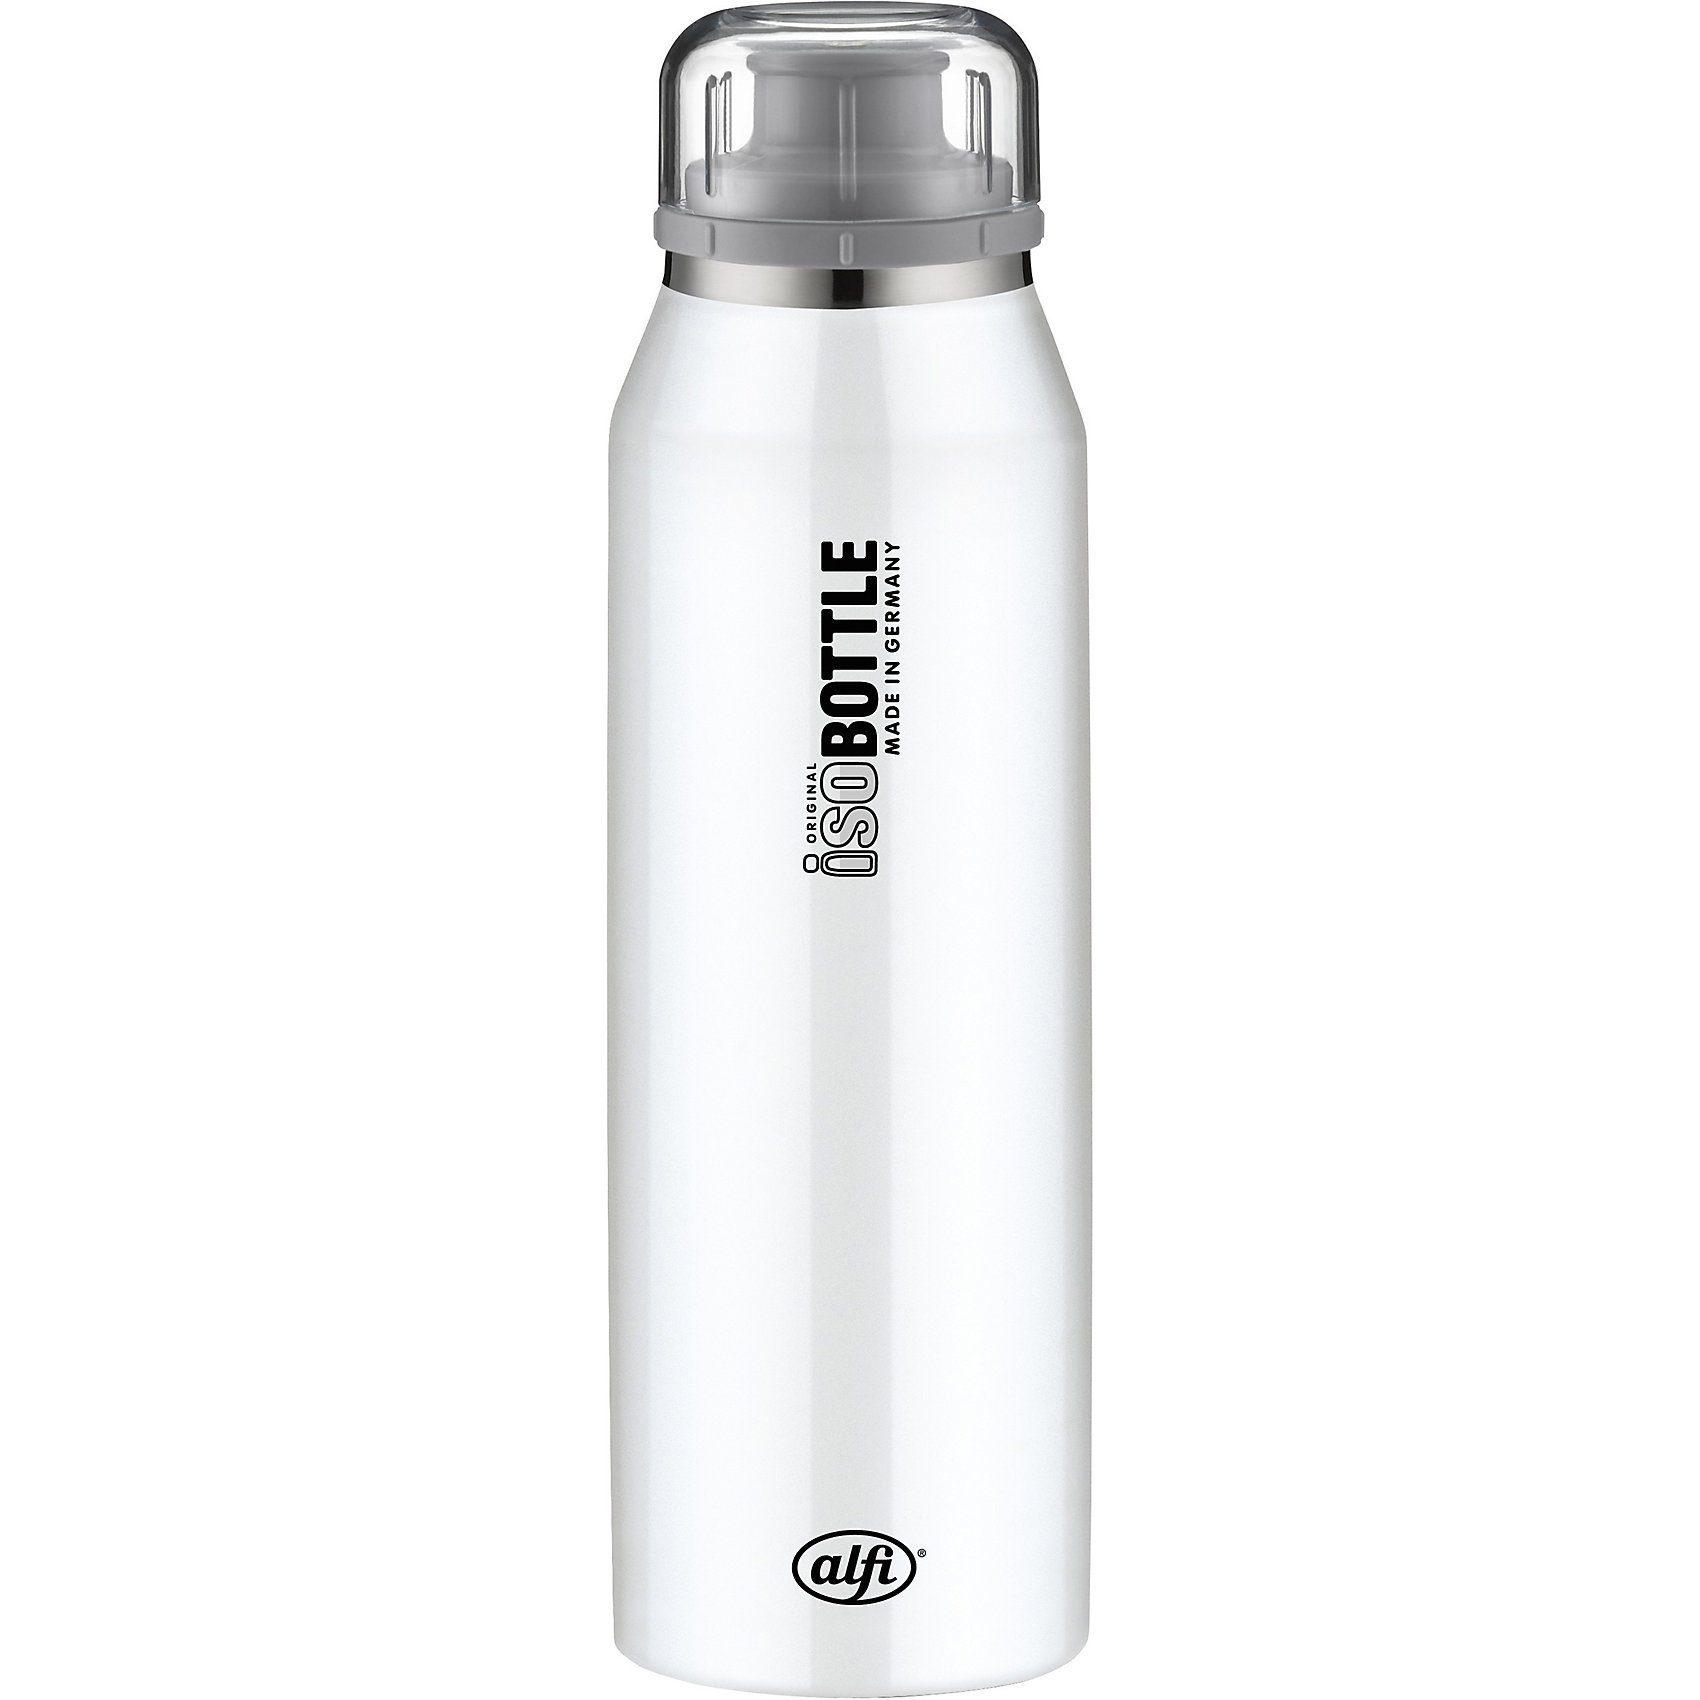 Alfi Isolier-Trinkflasche isoBottle Pure Weiß, 500 ml